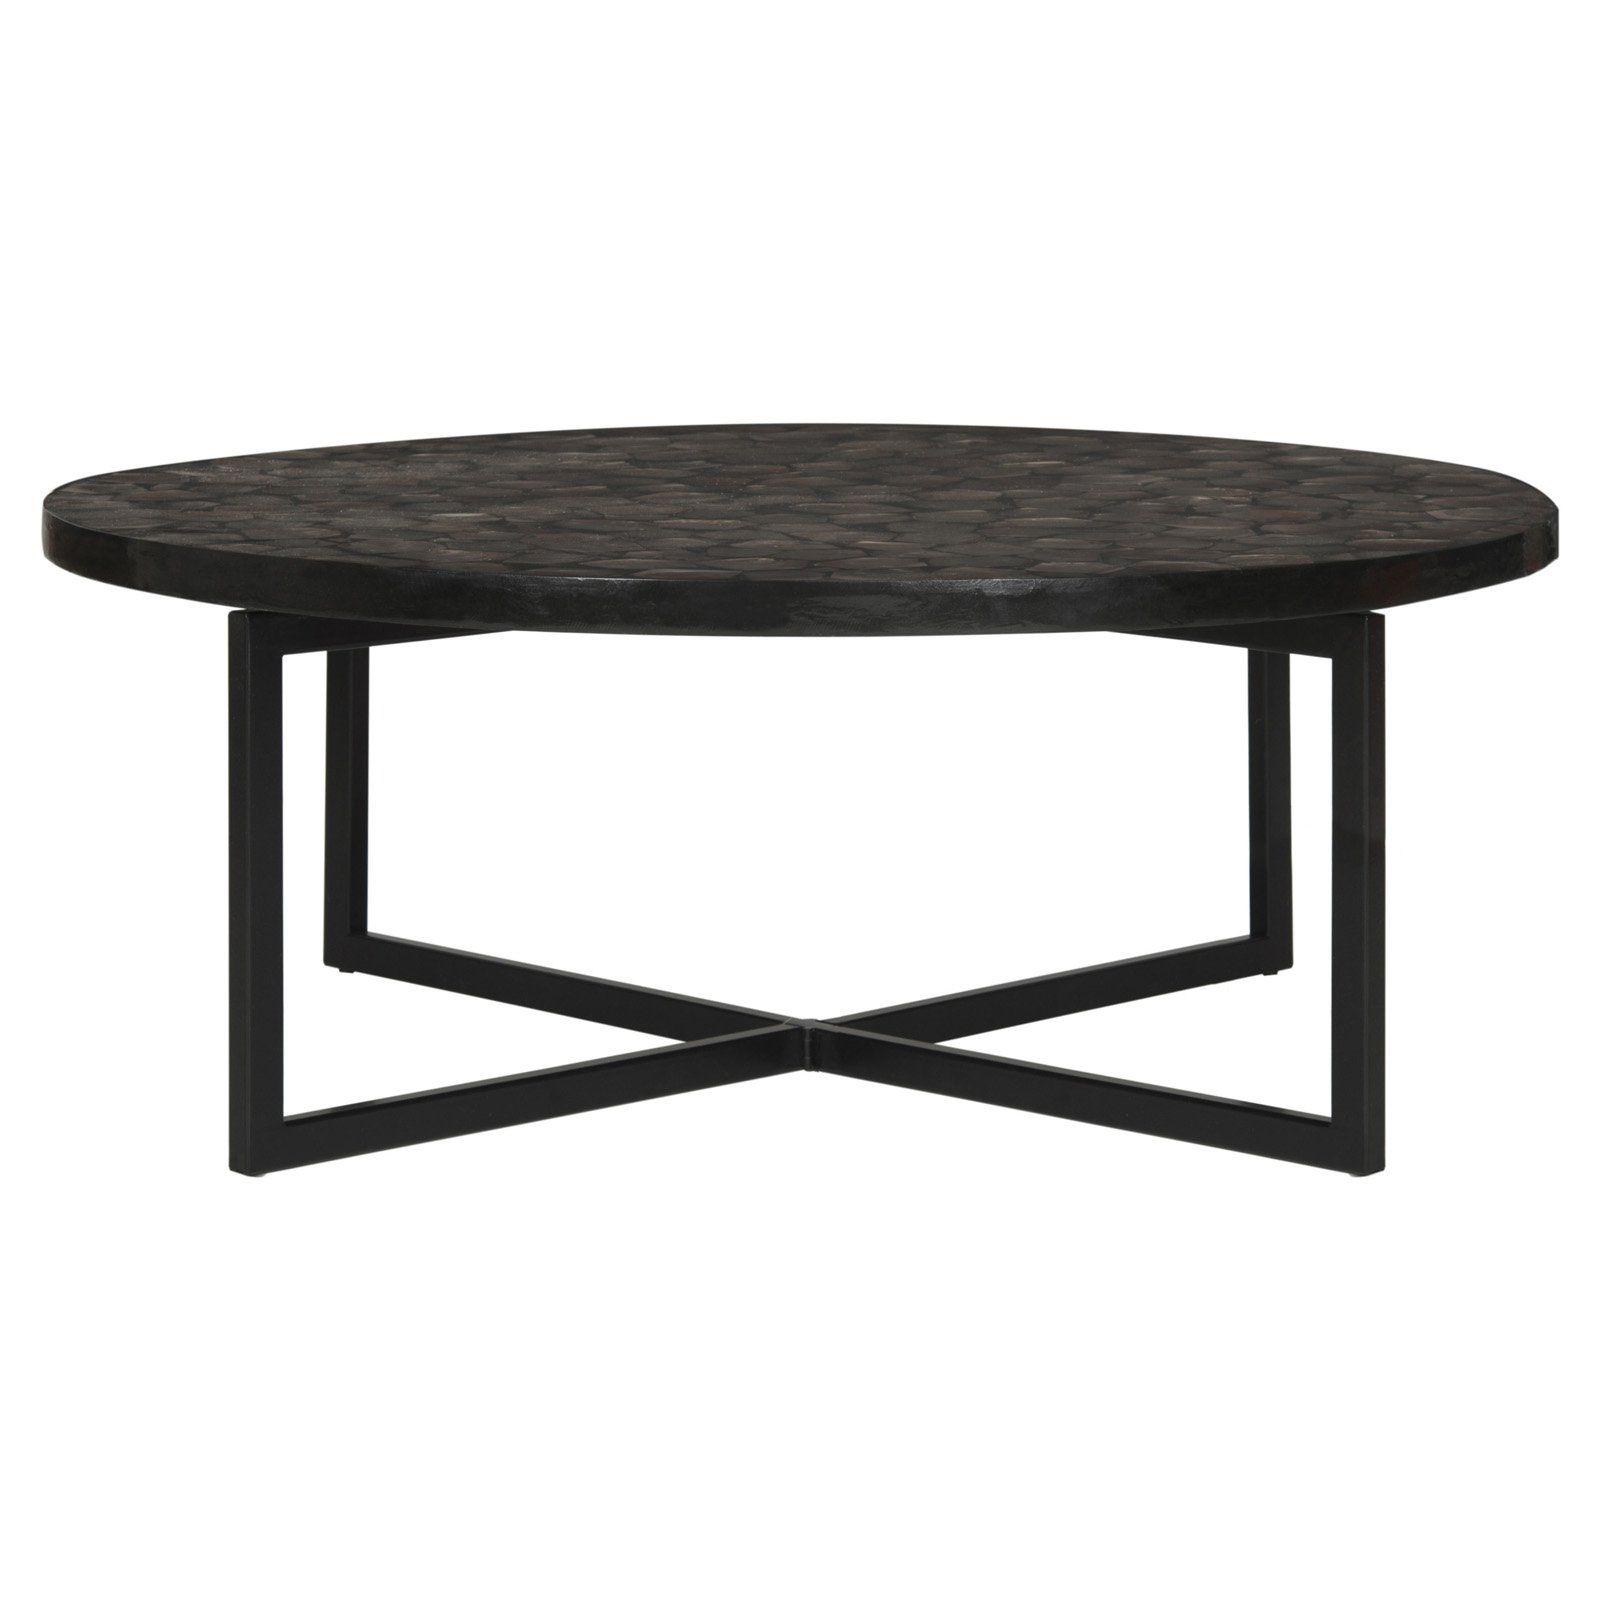 Safavieh Cheyenne Round Coffee Table Brown Coffee Table Coffee Table Grey Coffee Table [ 1600 x 1600 Pixel ]